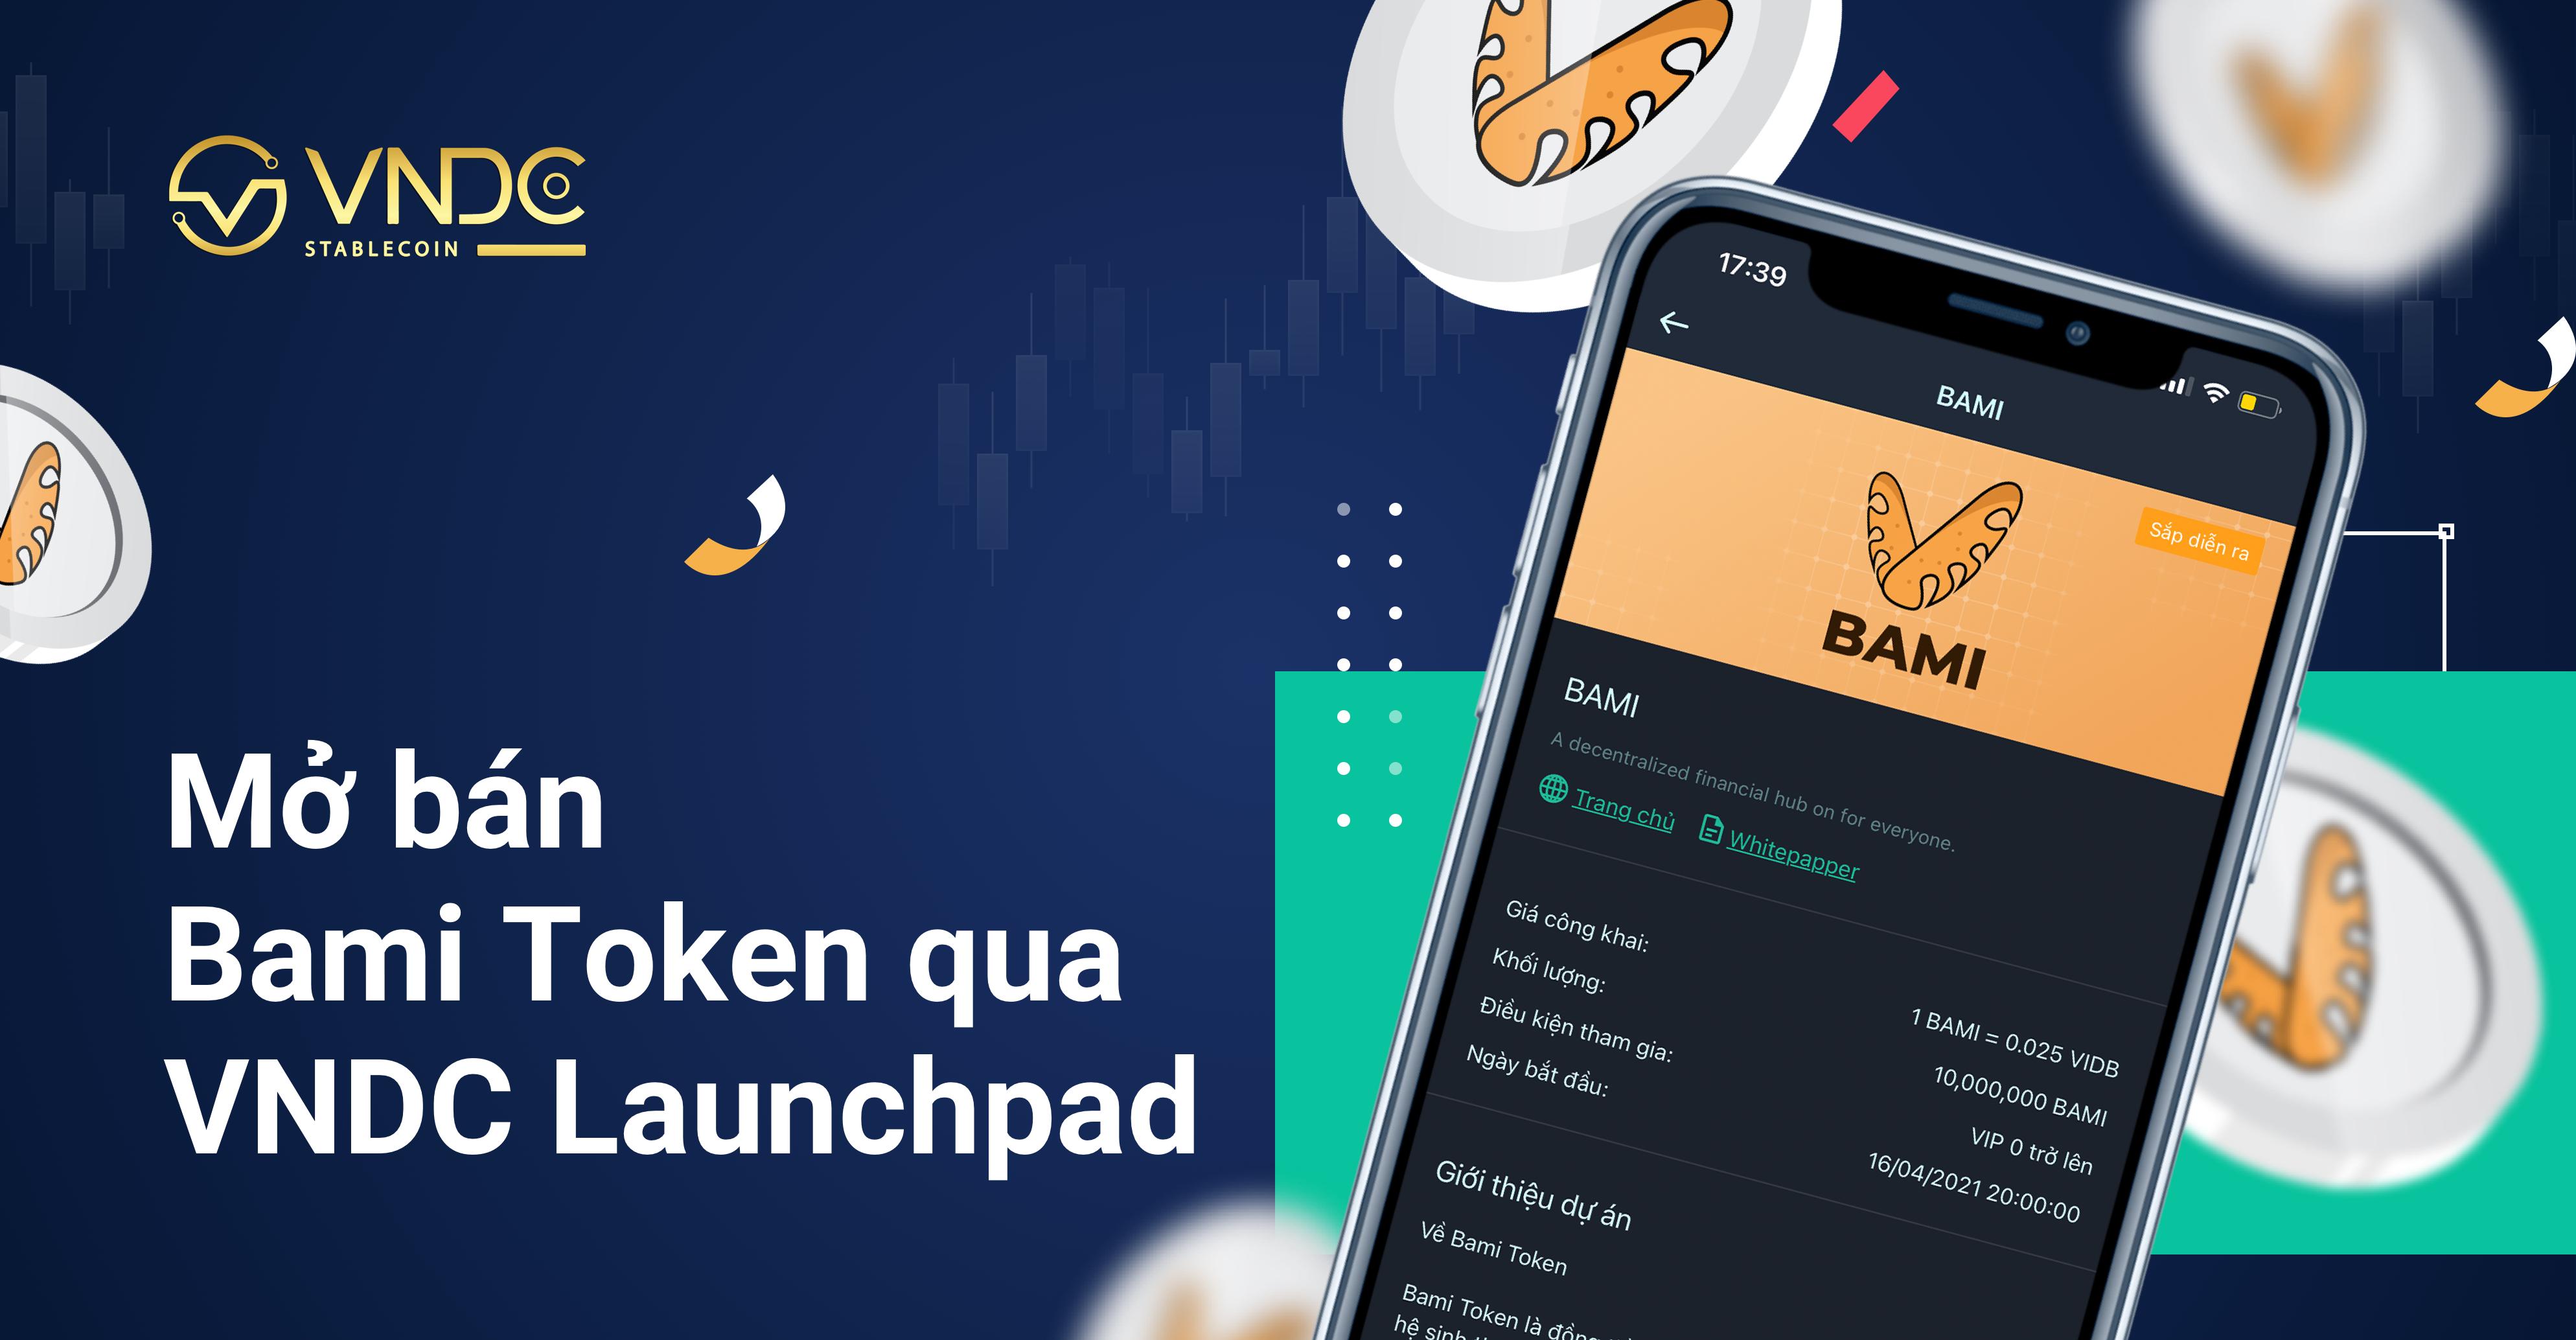 Thông báo: Kế hoạch mở bán Bami Token (BAMI) qua VNDC Launchpad